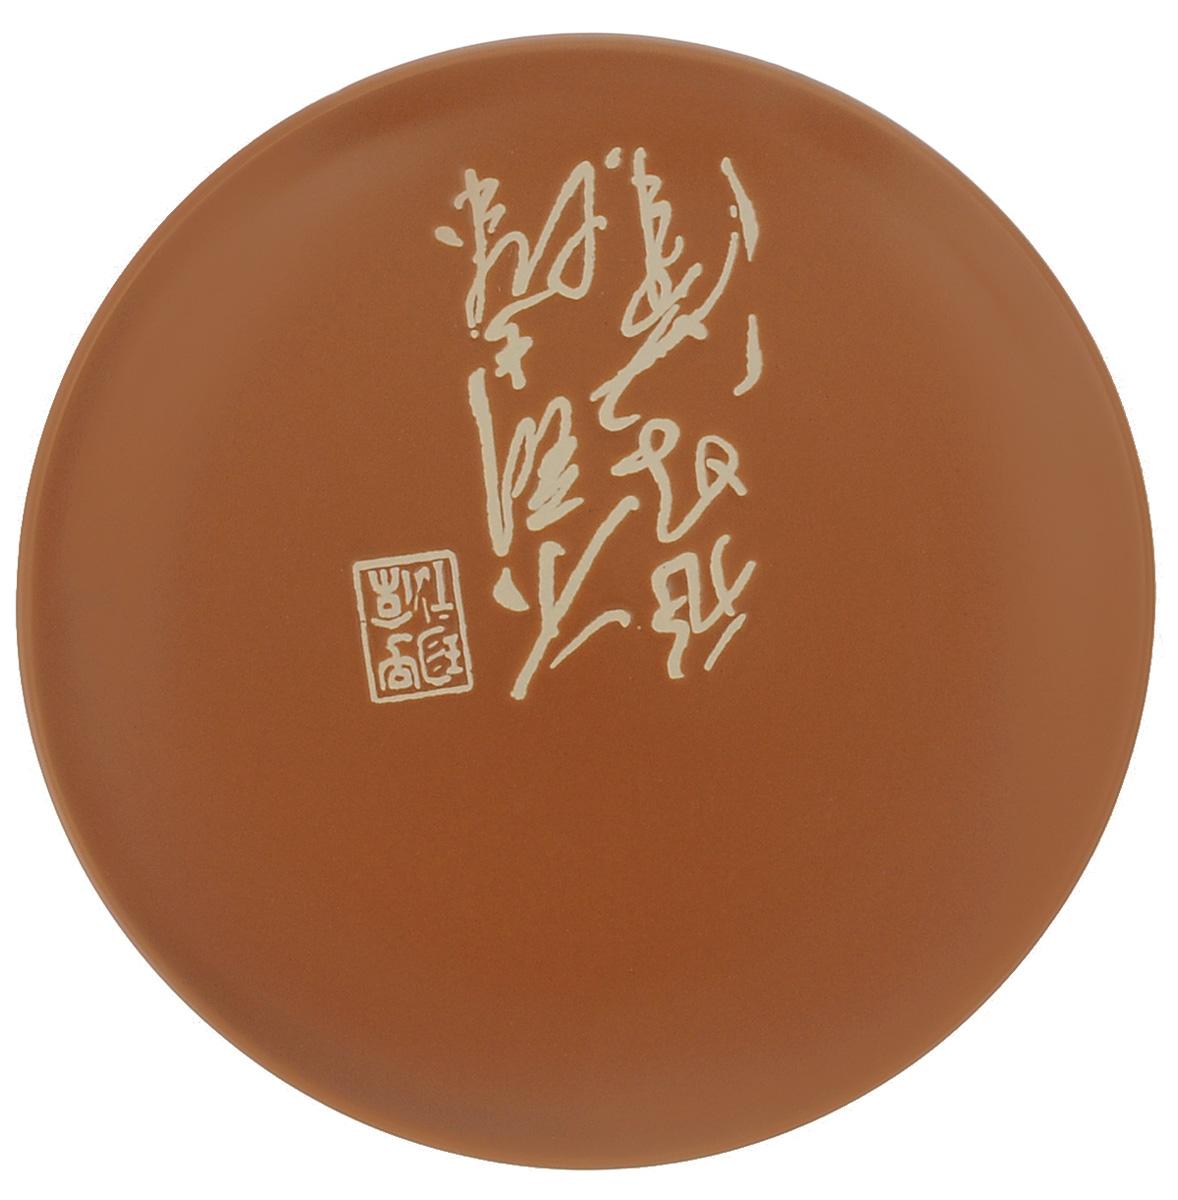 Тарелка Wing Star Терракота, диаметр 18 смLJ2085-3185TТарелка Wing Star Терракота изготовлена из высококачественной керамики. Изделие украшено оригинальной надписью. Такая тарелка украсит сервировку стола и подчеркнет прекрасный вкус хозяйки. Можно мыть в посудомоечной машине и использовать в микроволновой печи. Диаметр: 18 см. Высота: 2 см.